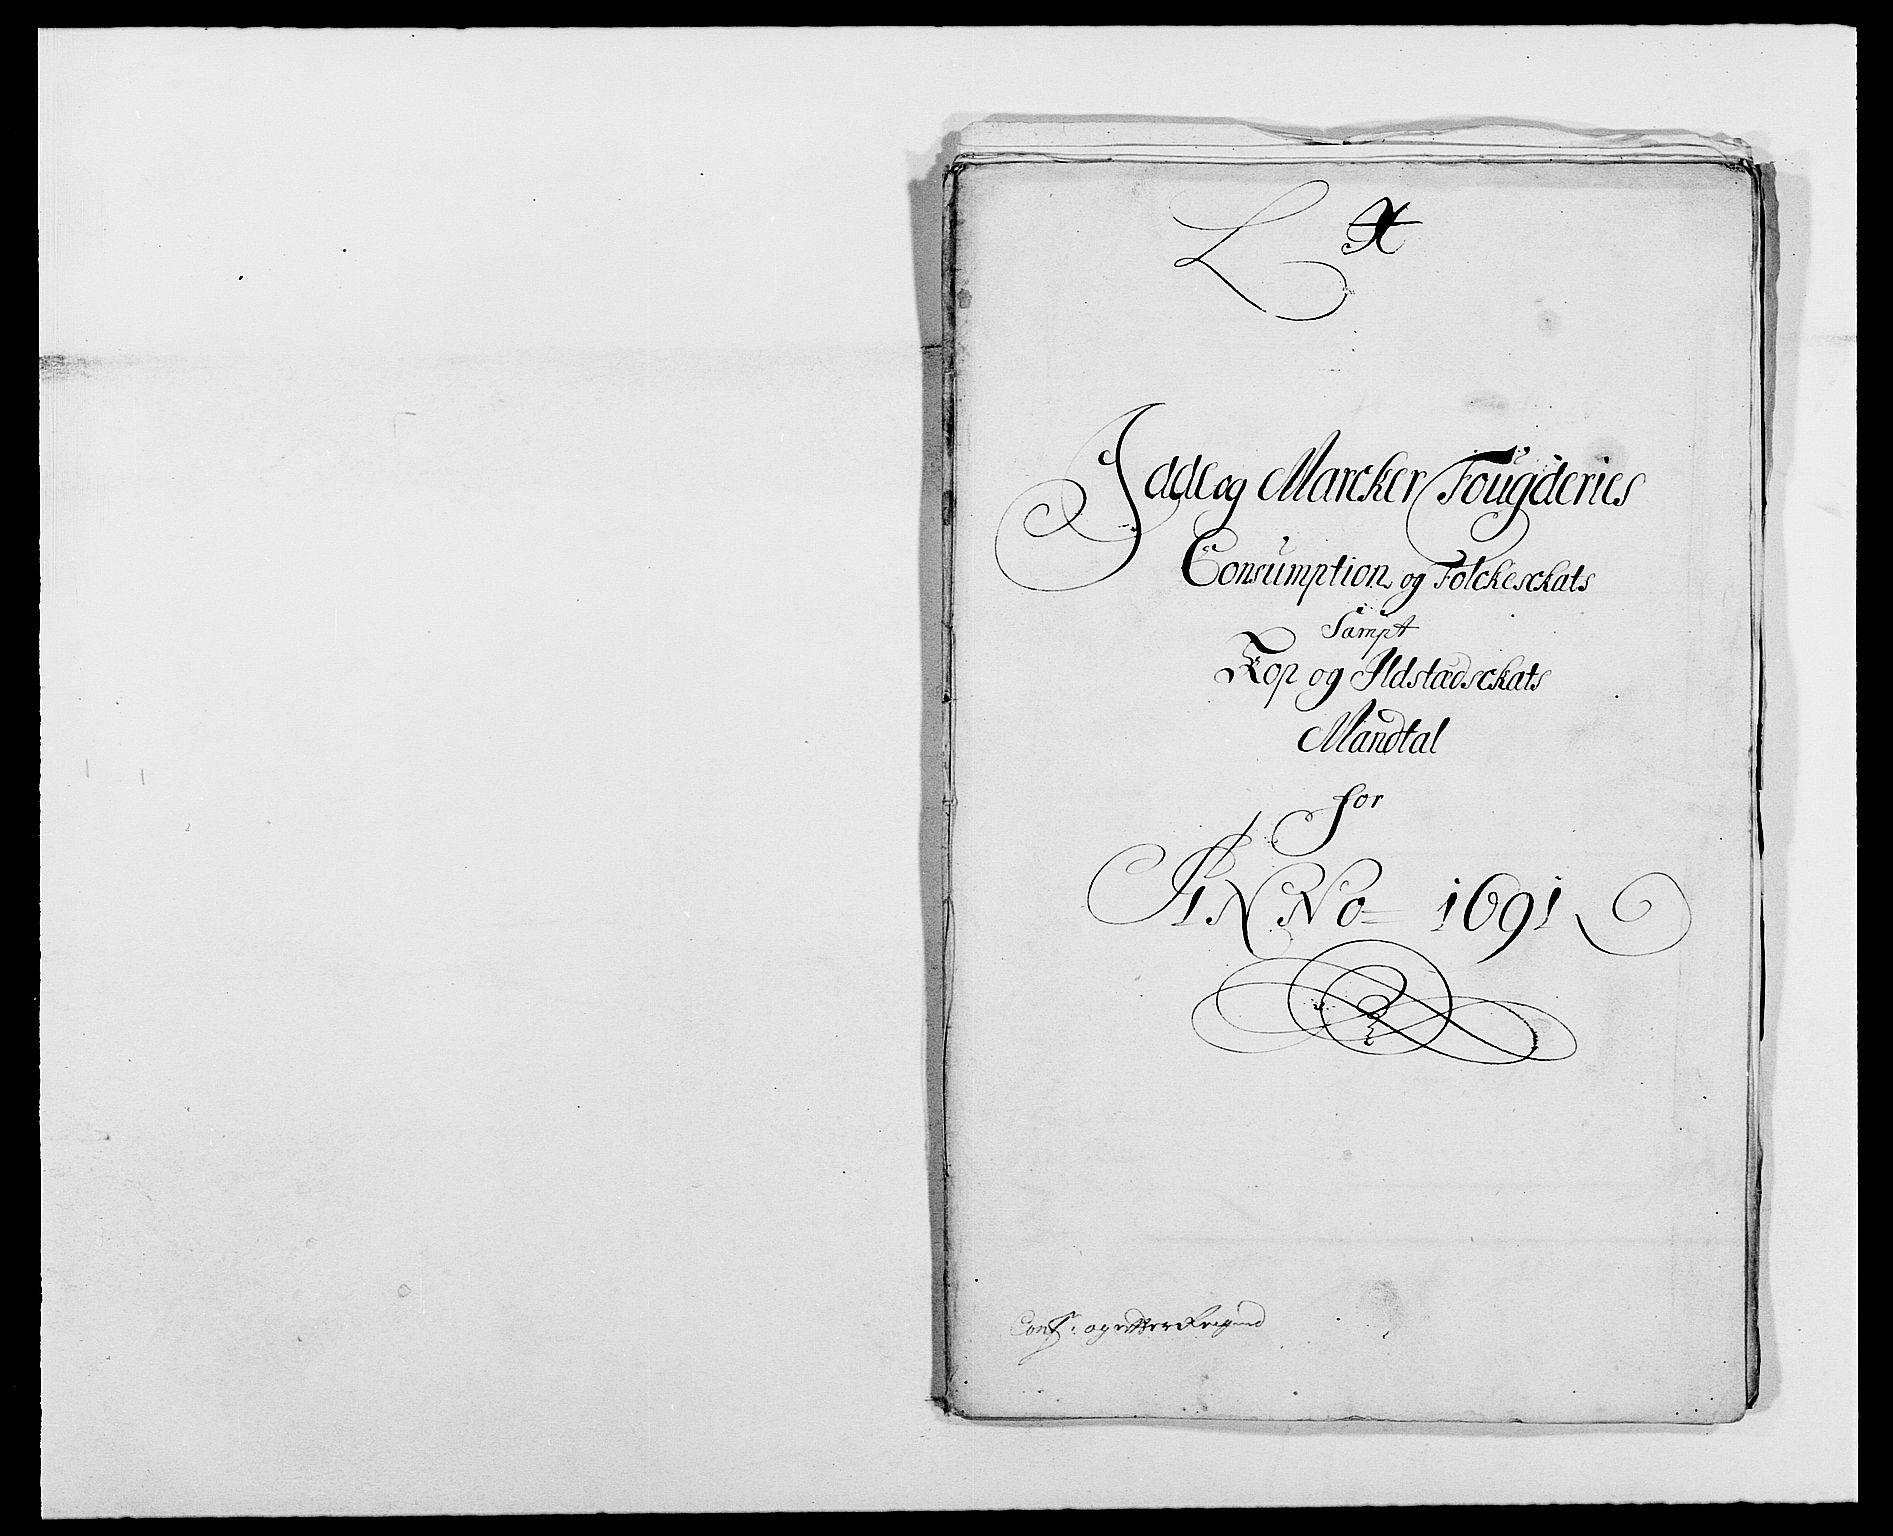 RA, Rentekammeret inntil 1814, Reviderte regnskaper, Fogderegnskap, R01/L0010: Fogderegnskap Idd og Marker, 1690-1691, s. 394